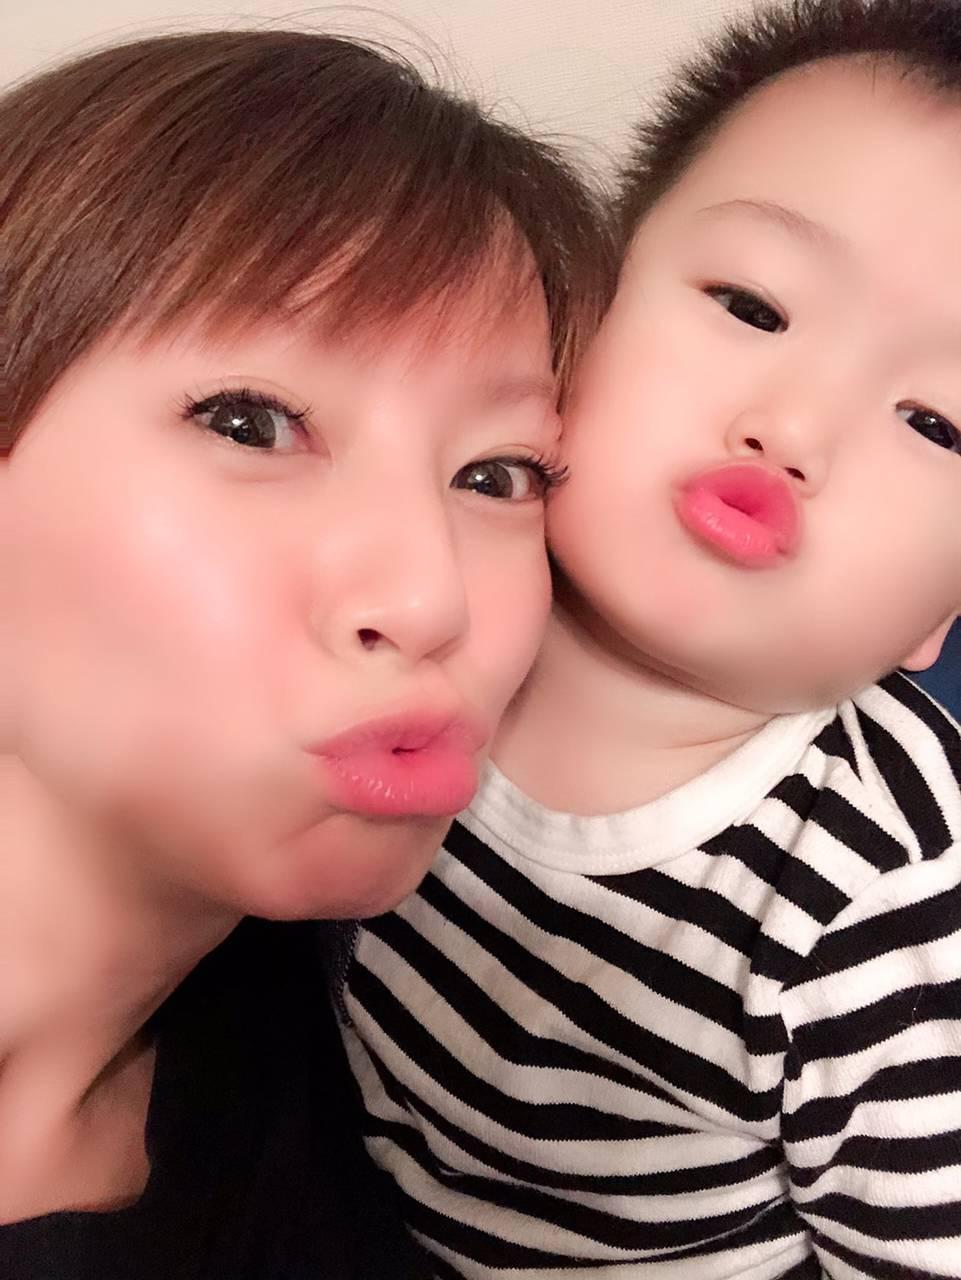 """鈴木亜美37歳、初出し""""どすっぴん""""が綺麗すぎると大反響! - avex ..."""